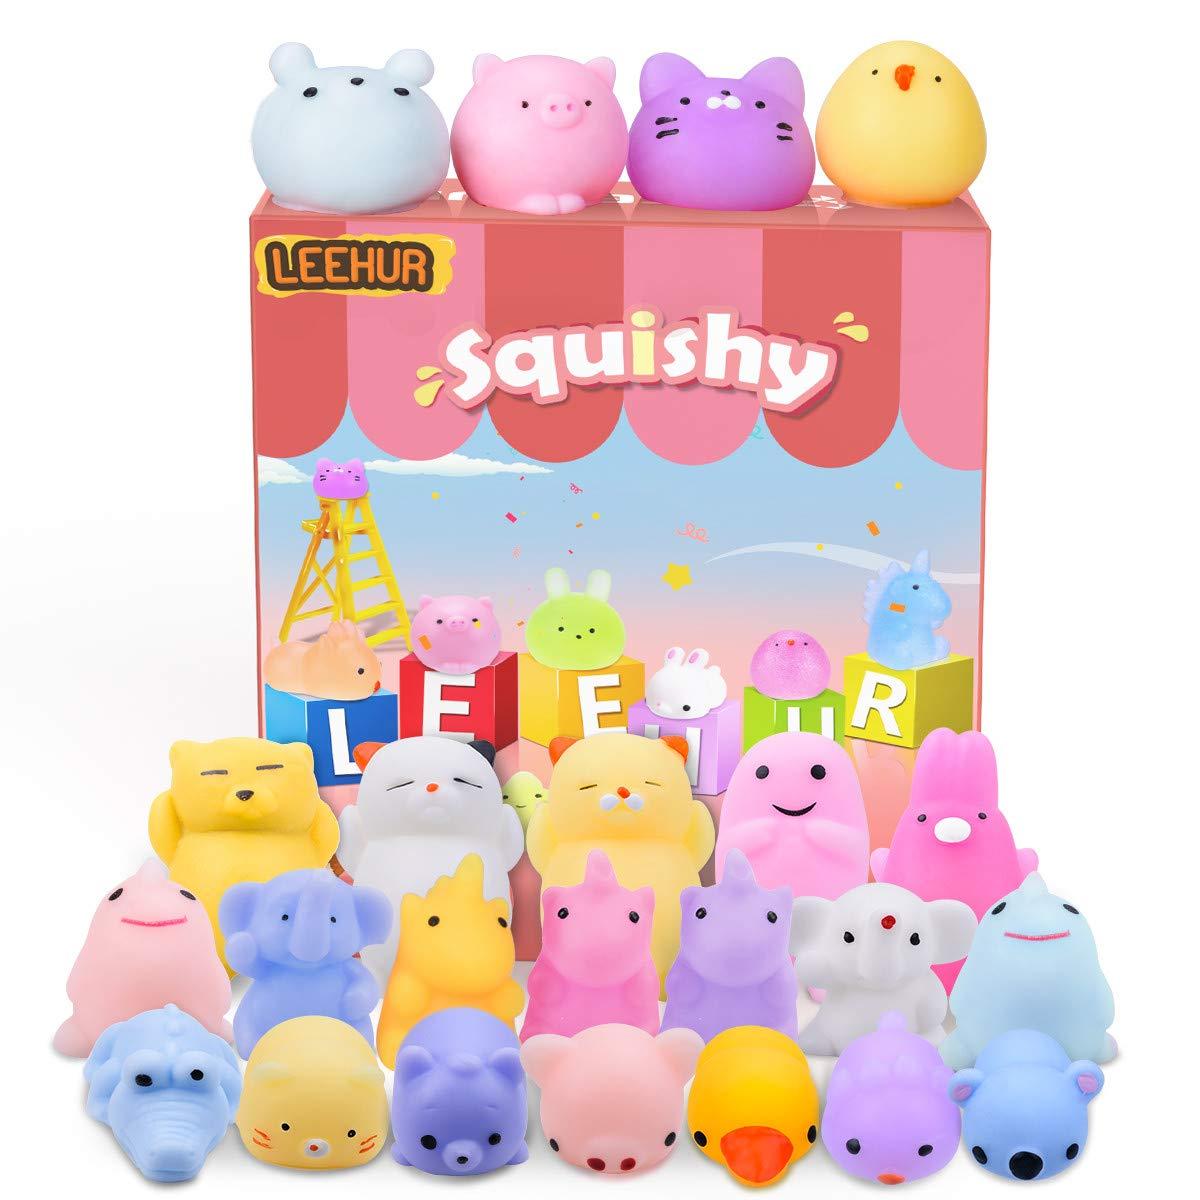 LeeHur Mini Juguete Squishy Juguetes Suave de Alivio de Estrés, Juguetes Curativos Divertidos para Niños y Adultos (20 Animales): Amazon.es: Juguetes y juegos